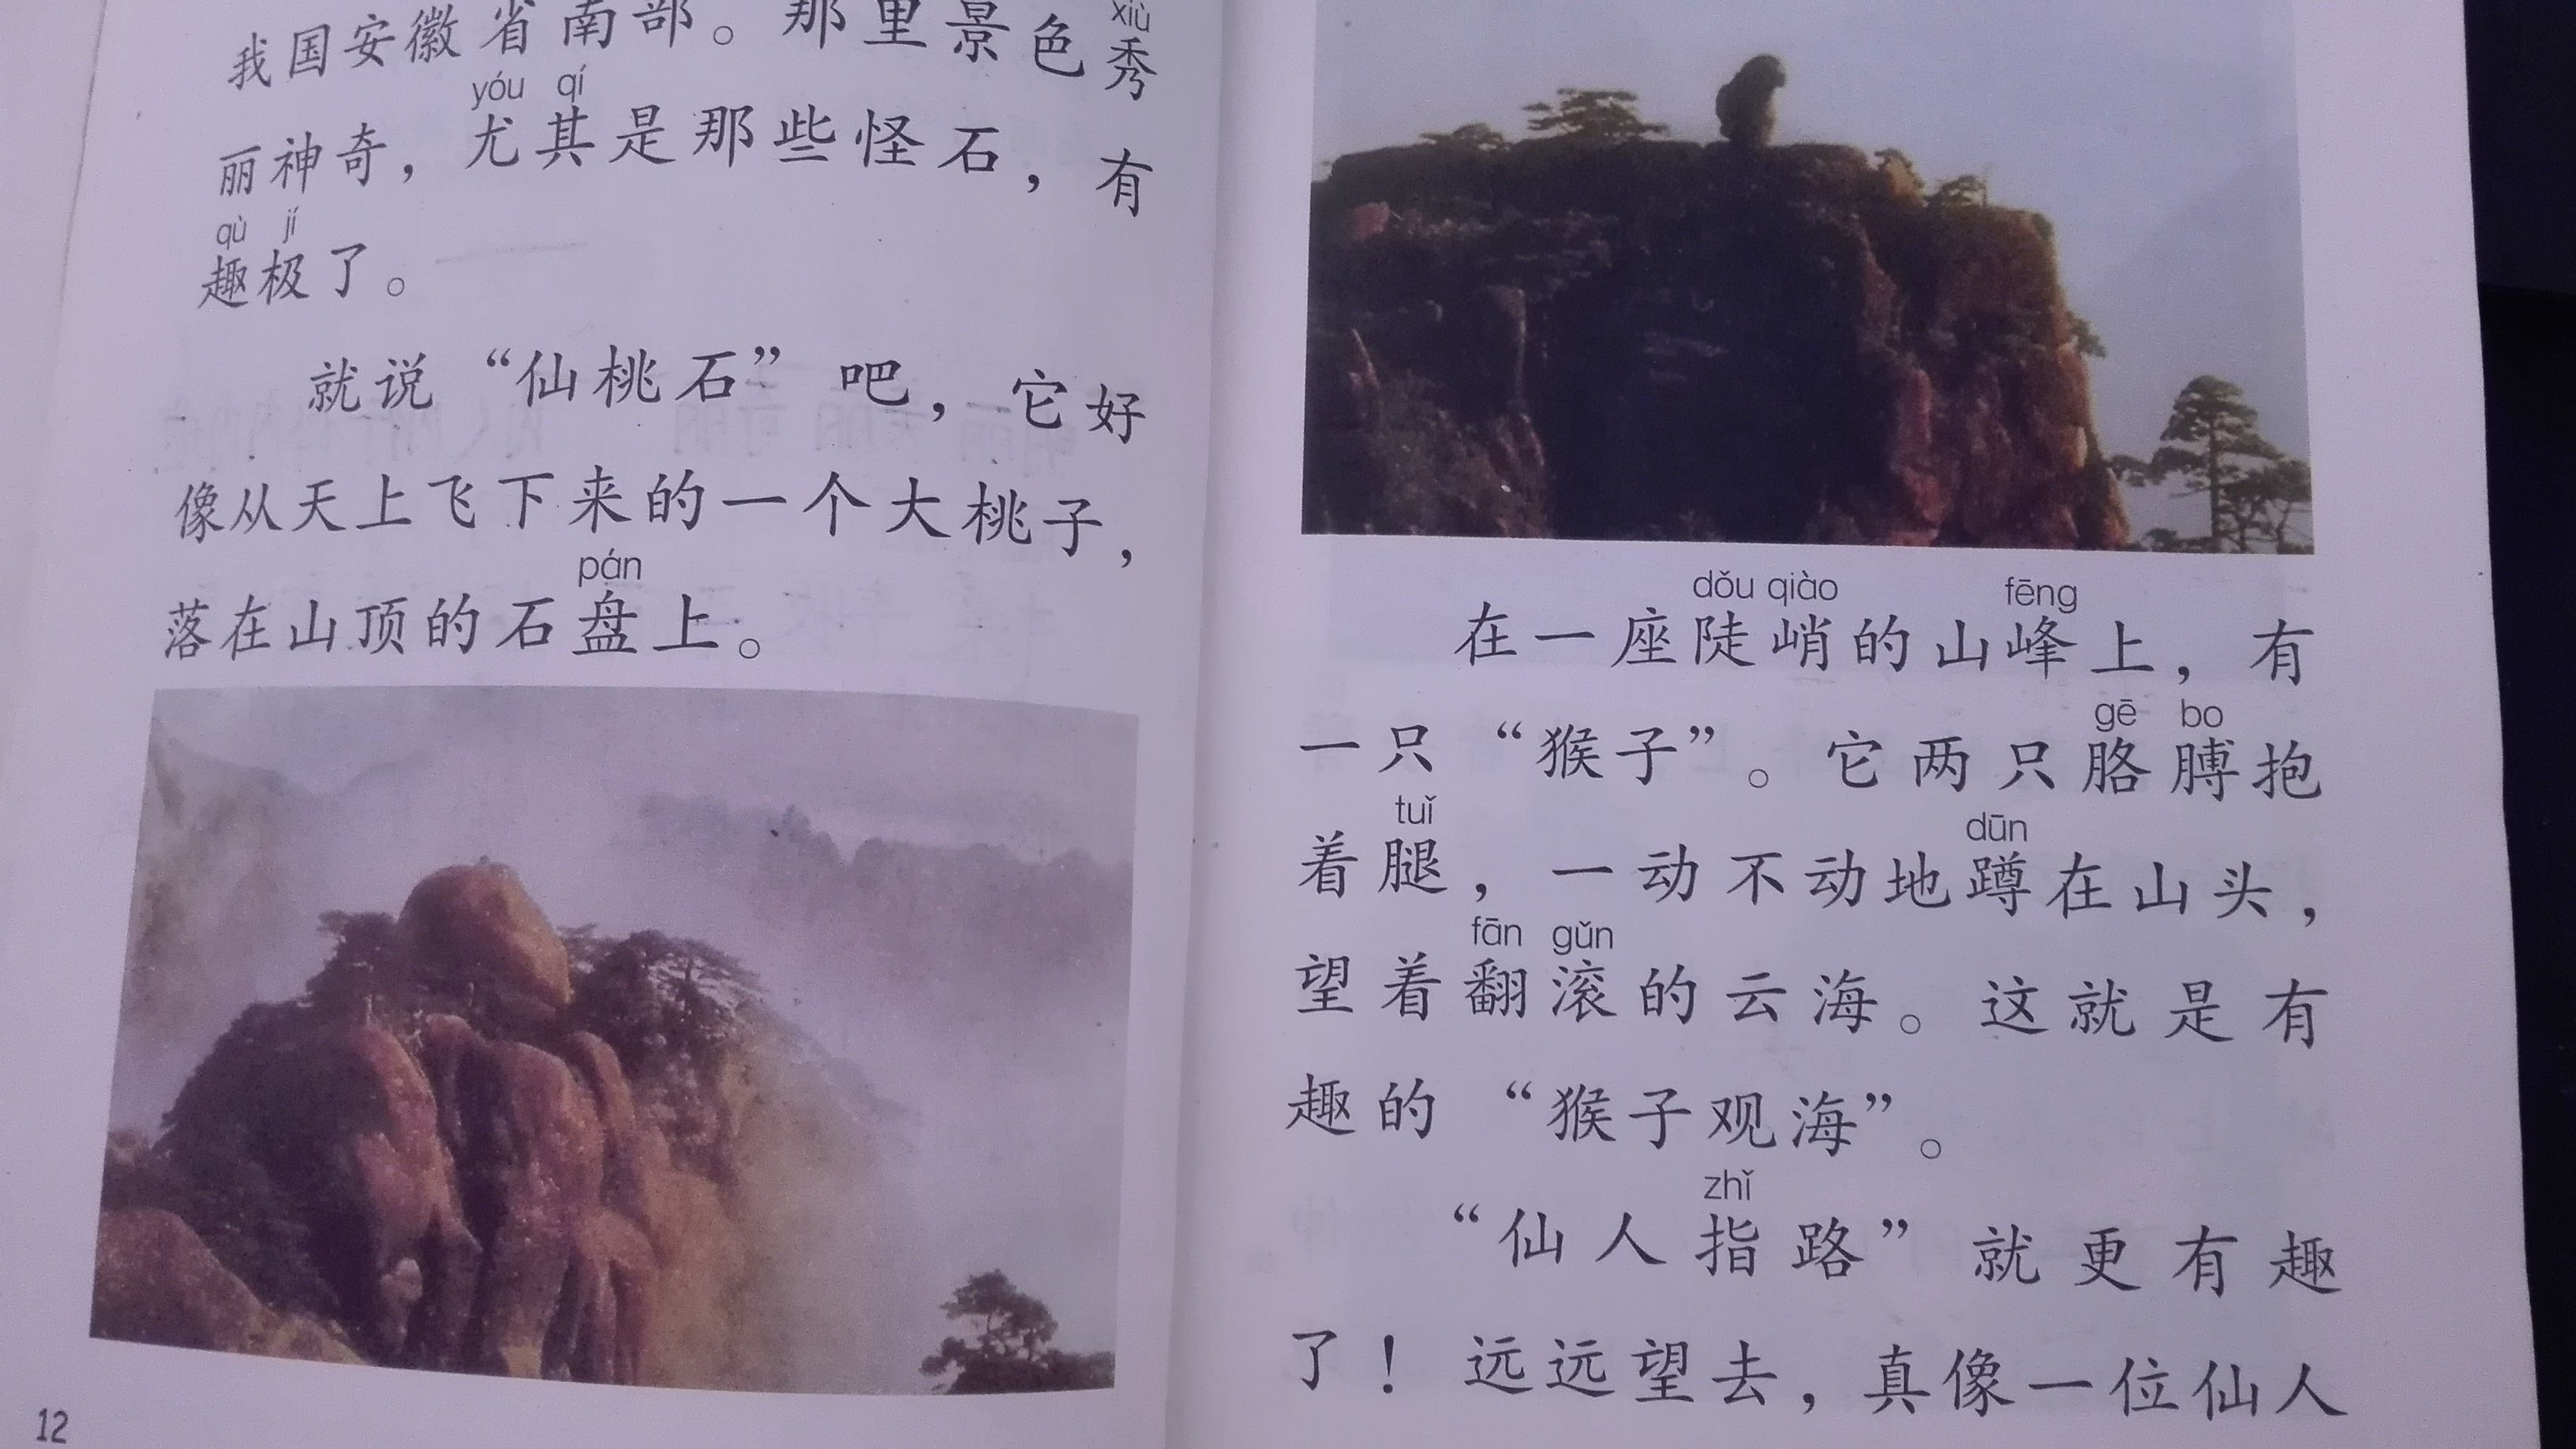 黄山风景区介绍